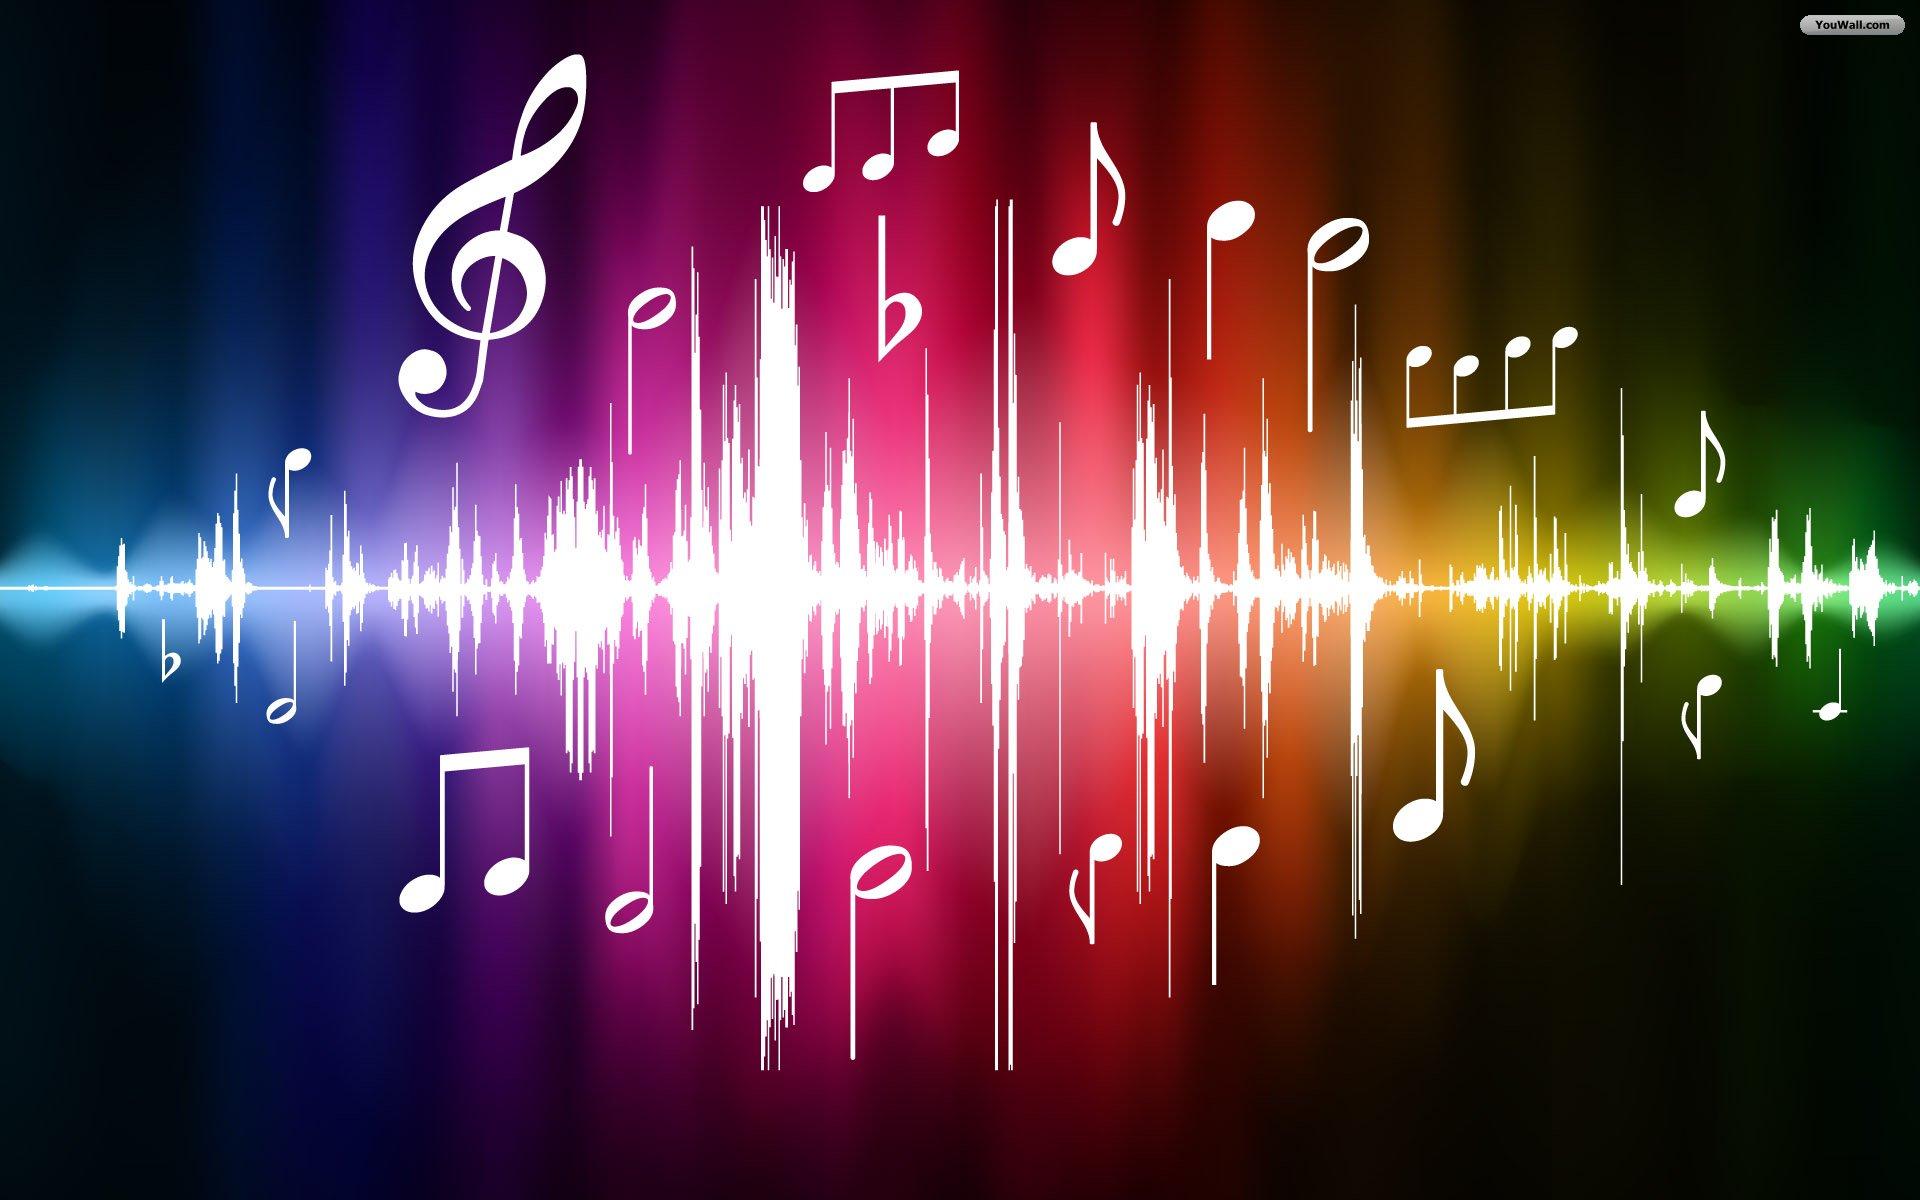 Music-music-31055637-1920-1200